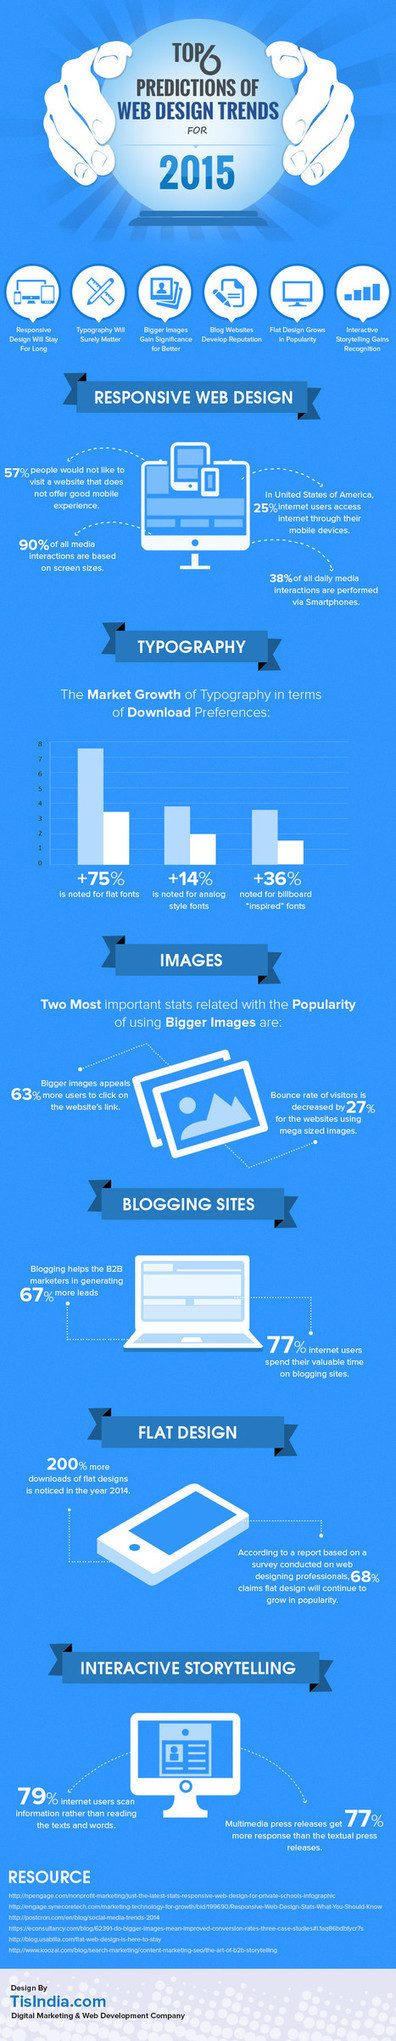 6 prédictions et tendances Web Design pour 2015 ! [Infographie] #Responsive   Ecrire Web   Scoop.it